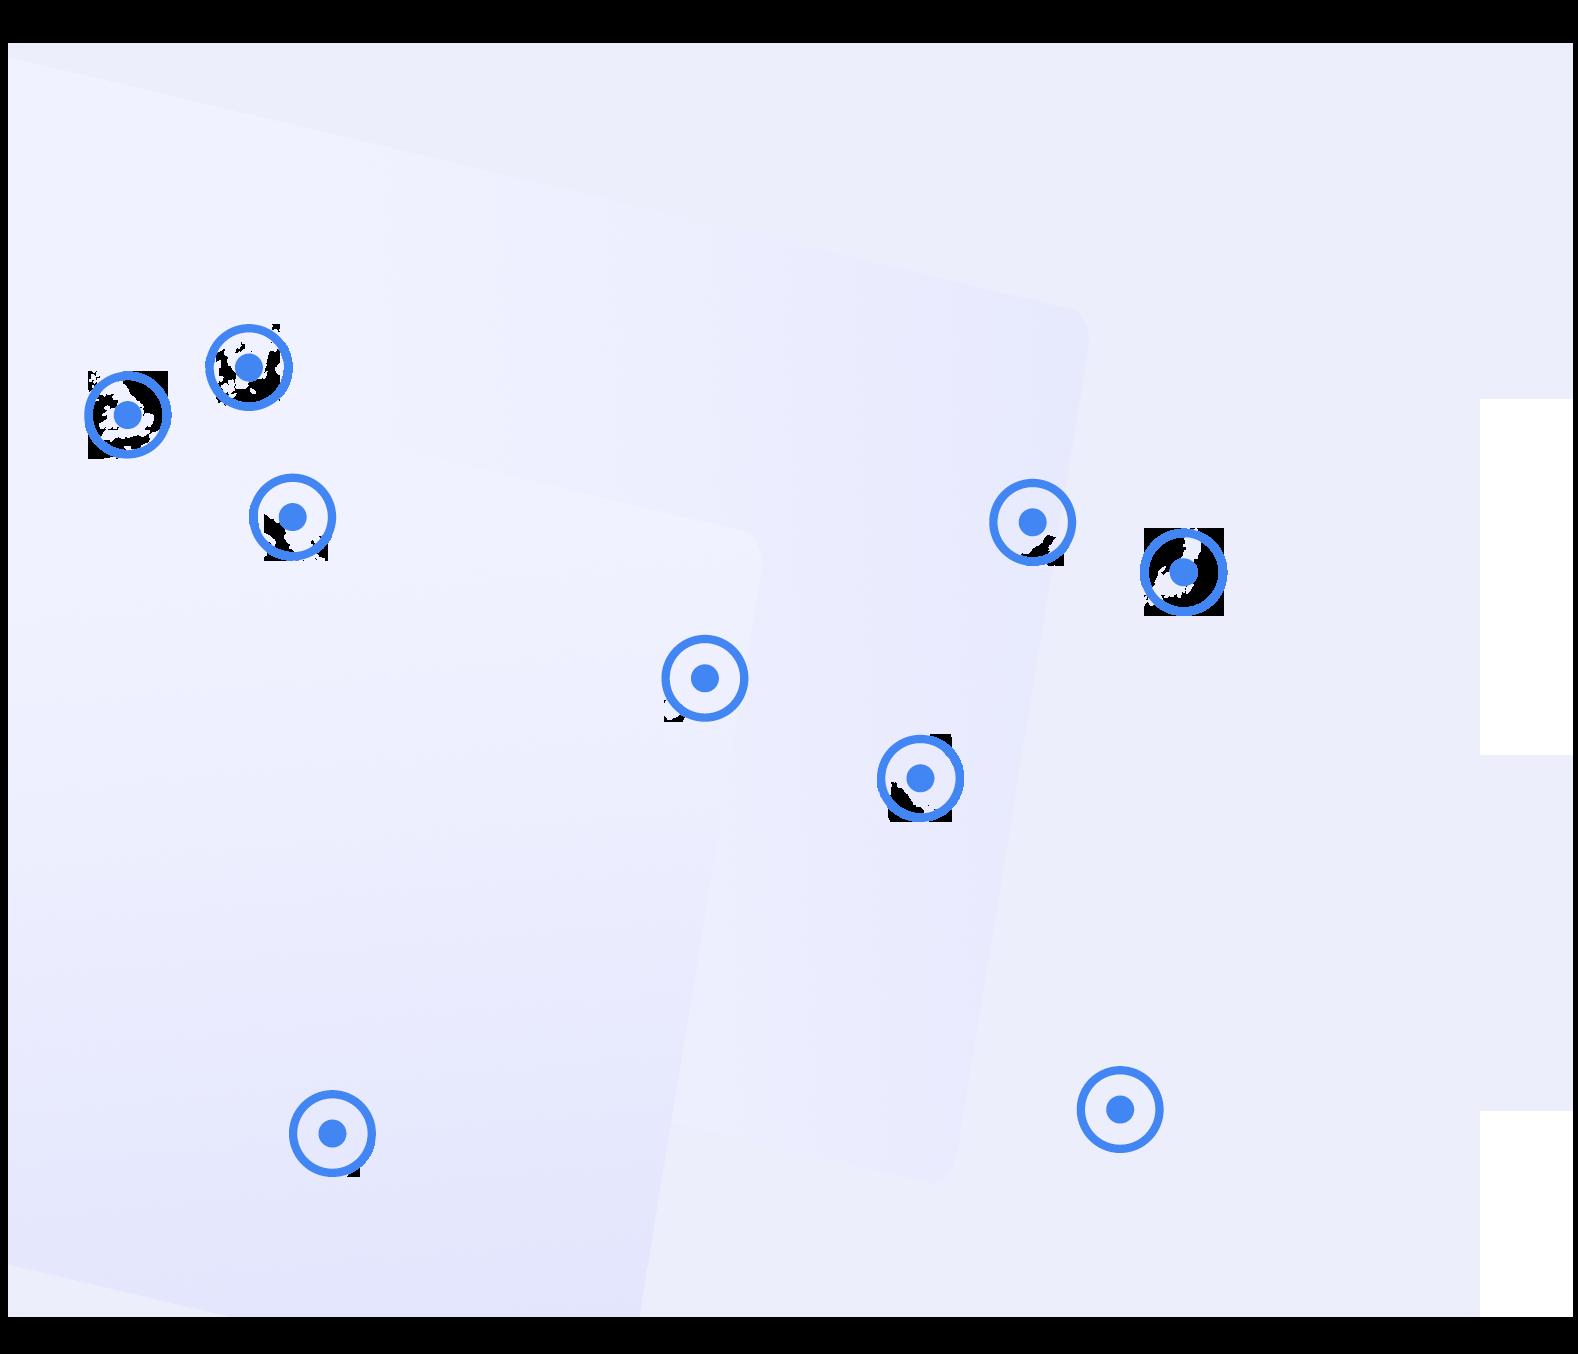 map-Jun-24-2020-12-51-30-97-PM